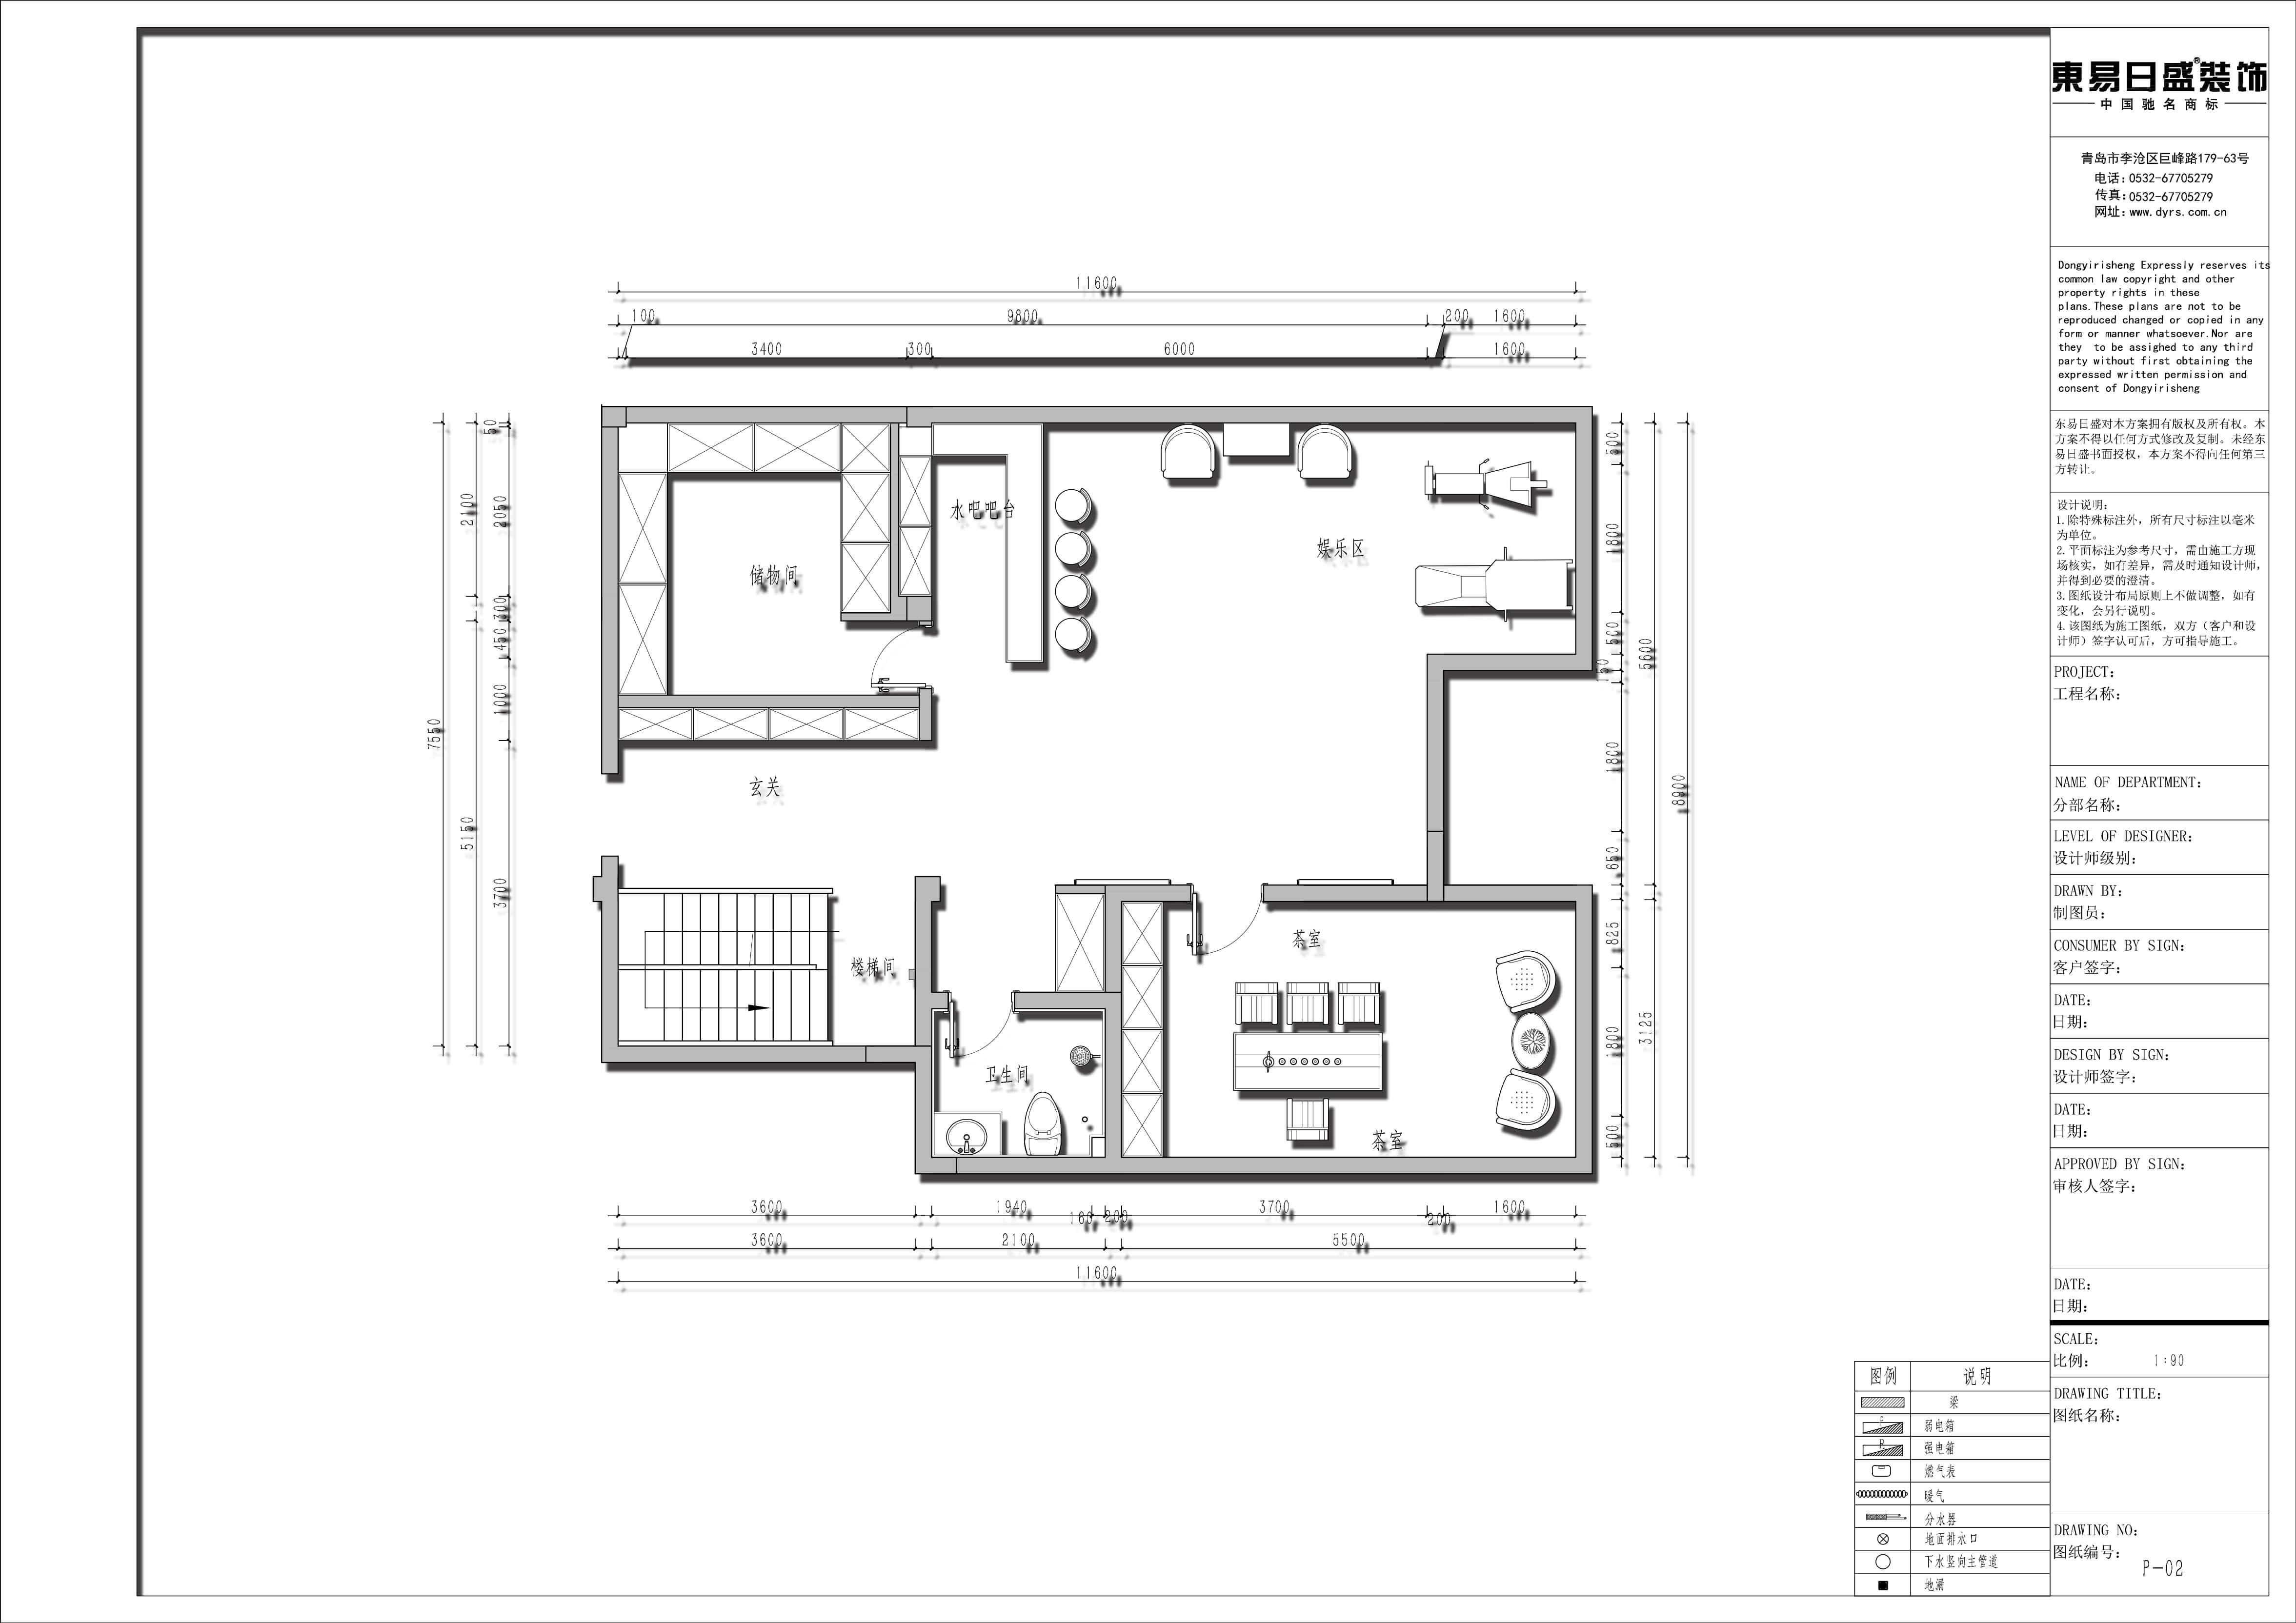 融创时代城 340㎡ 法式风格装修设计理念